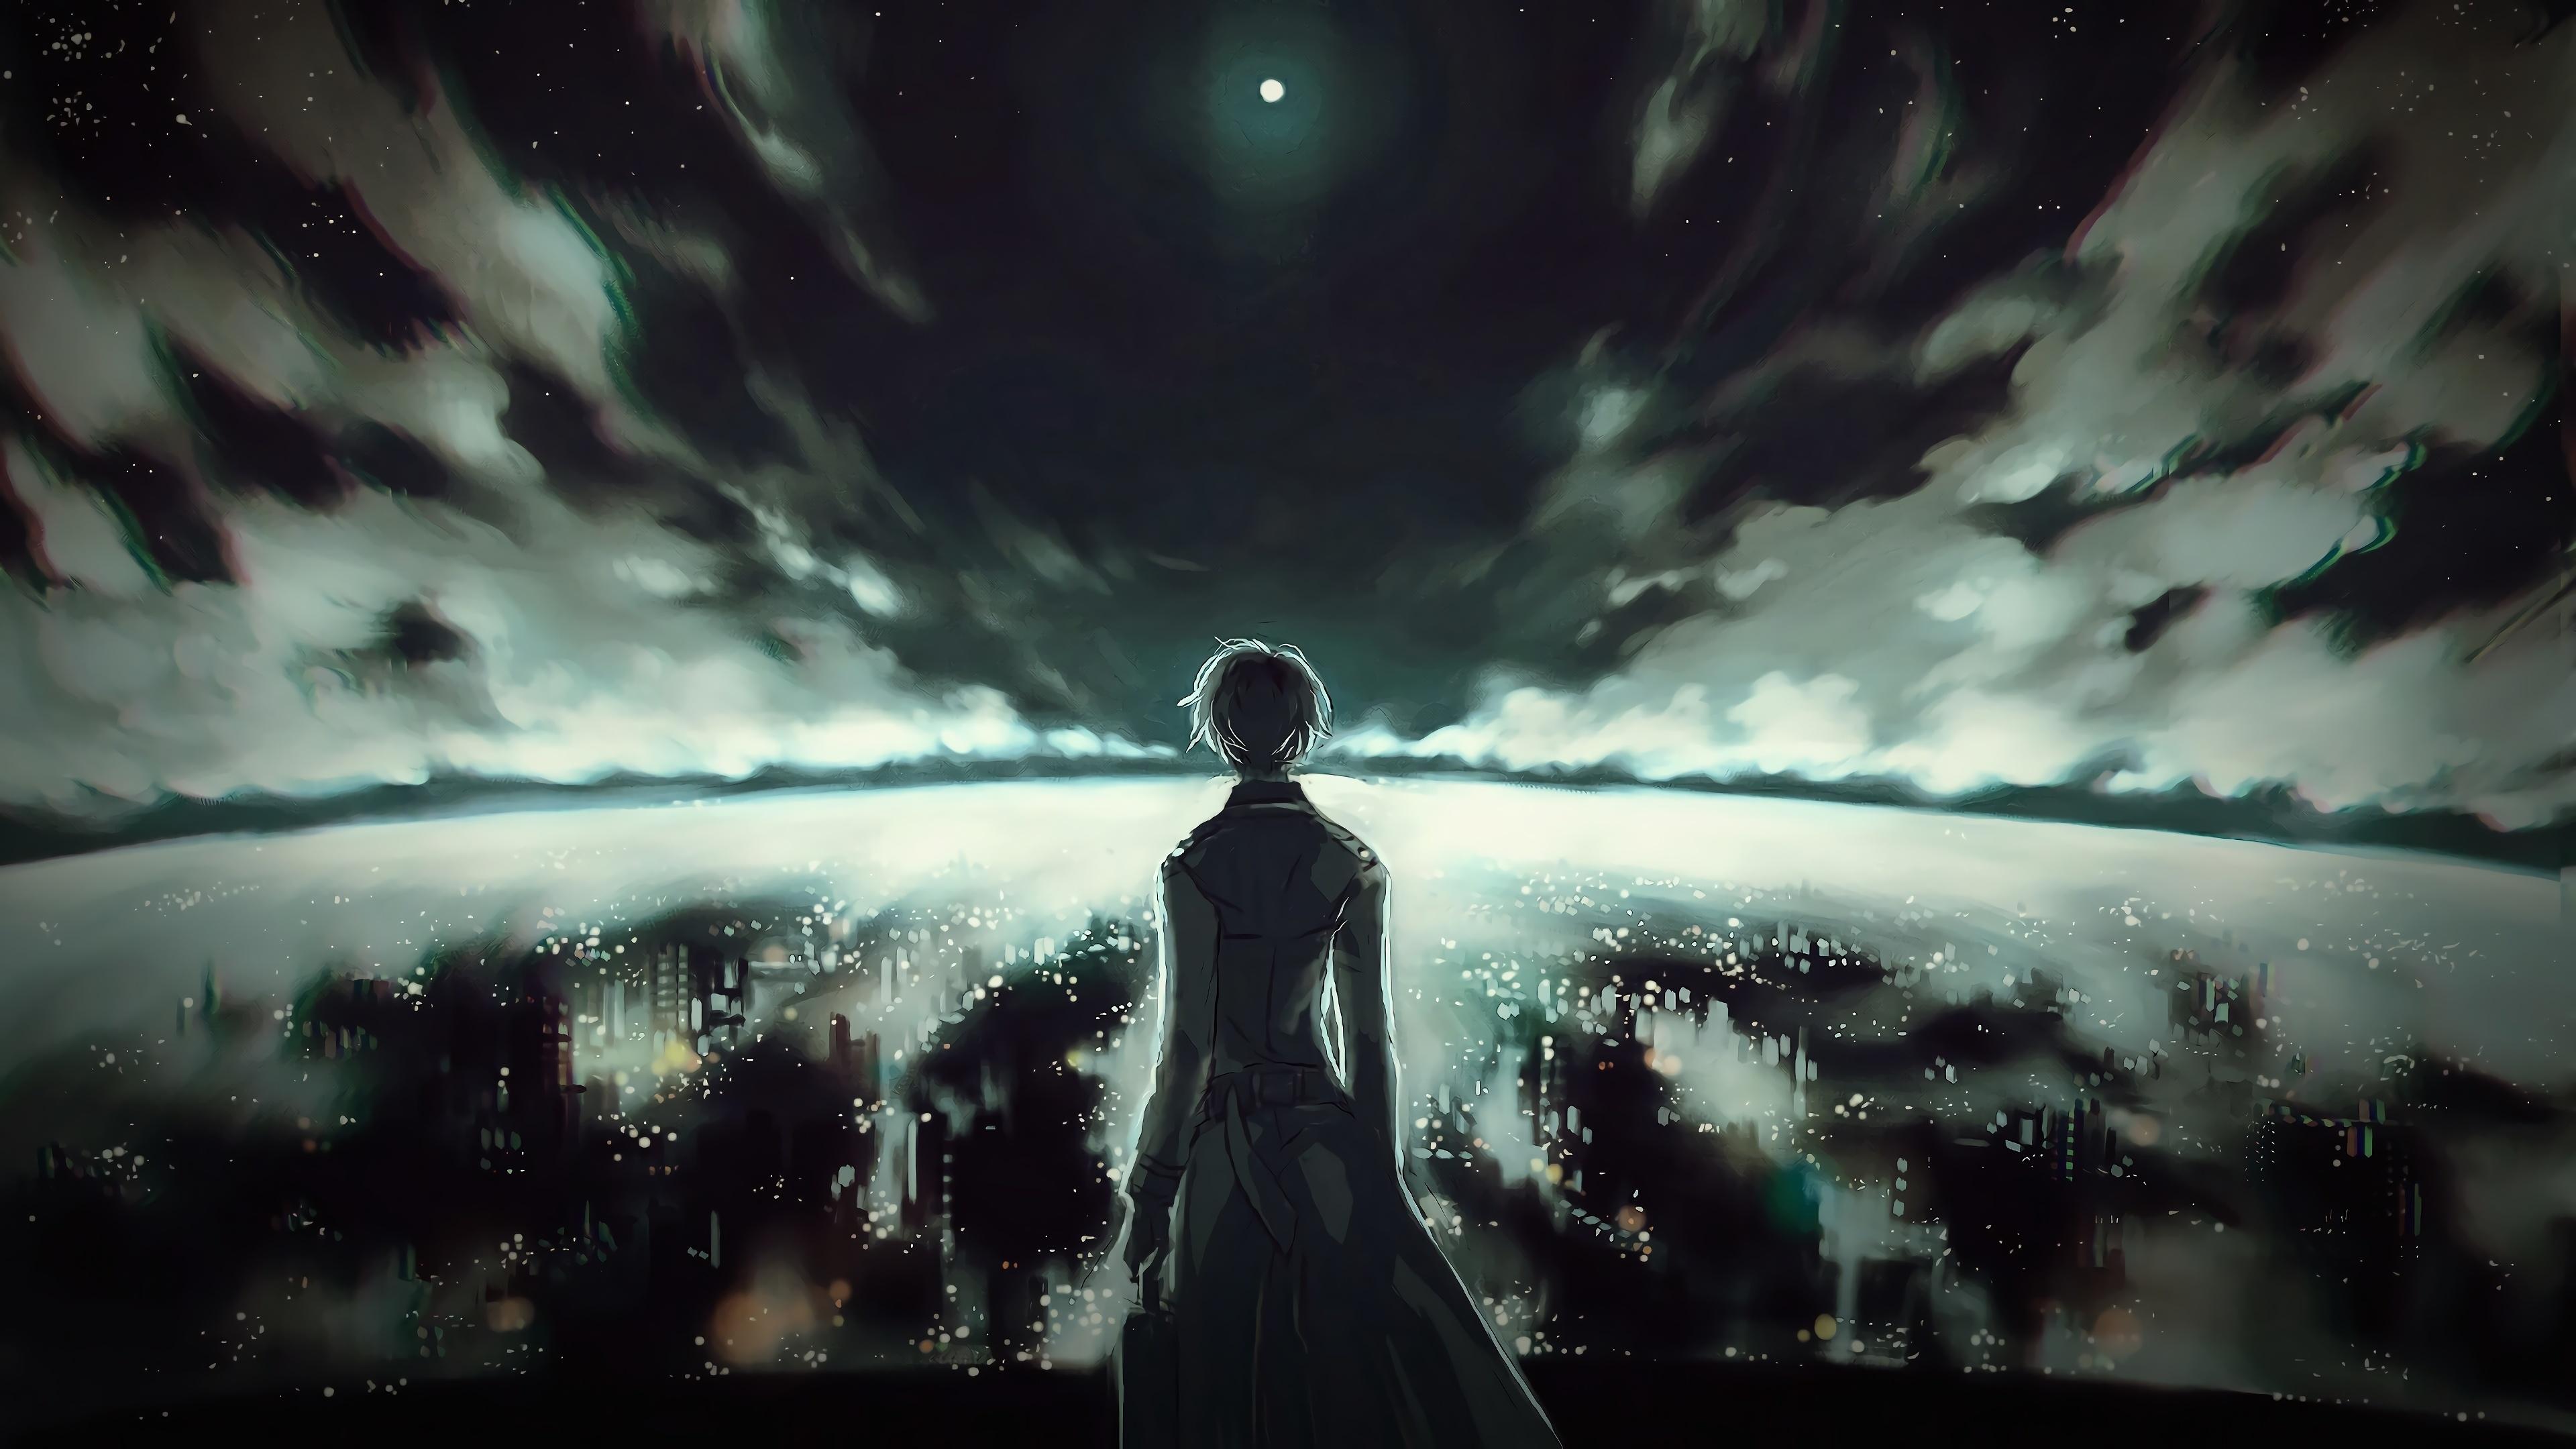 anime dark wallpapers 4k: Download 3840x2400 Wallpaper Ken Kaneki, Tokyo Ghoul